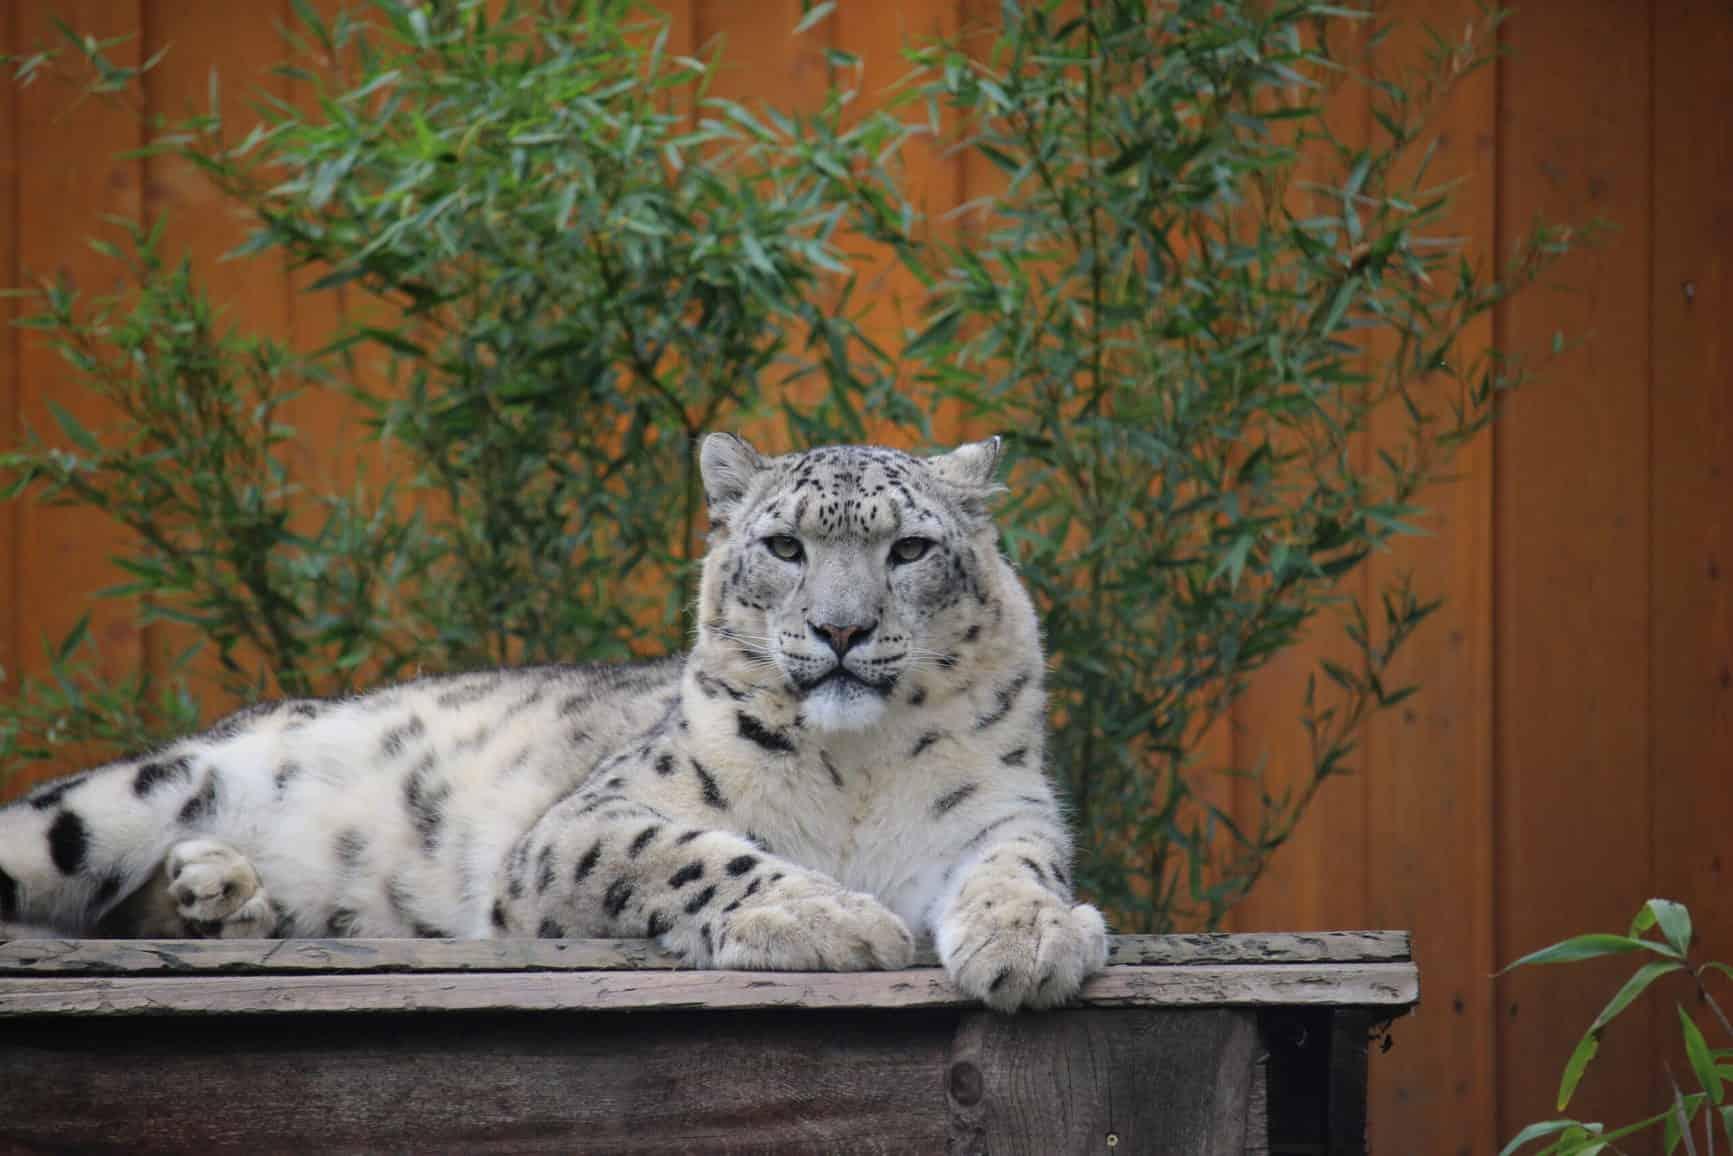 Schneeleopard im Artenschutzzentrum Grasleben